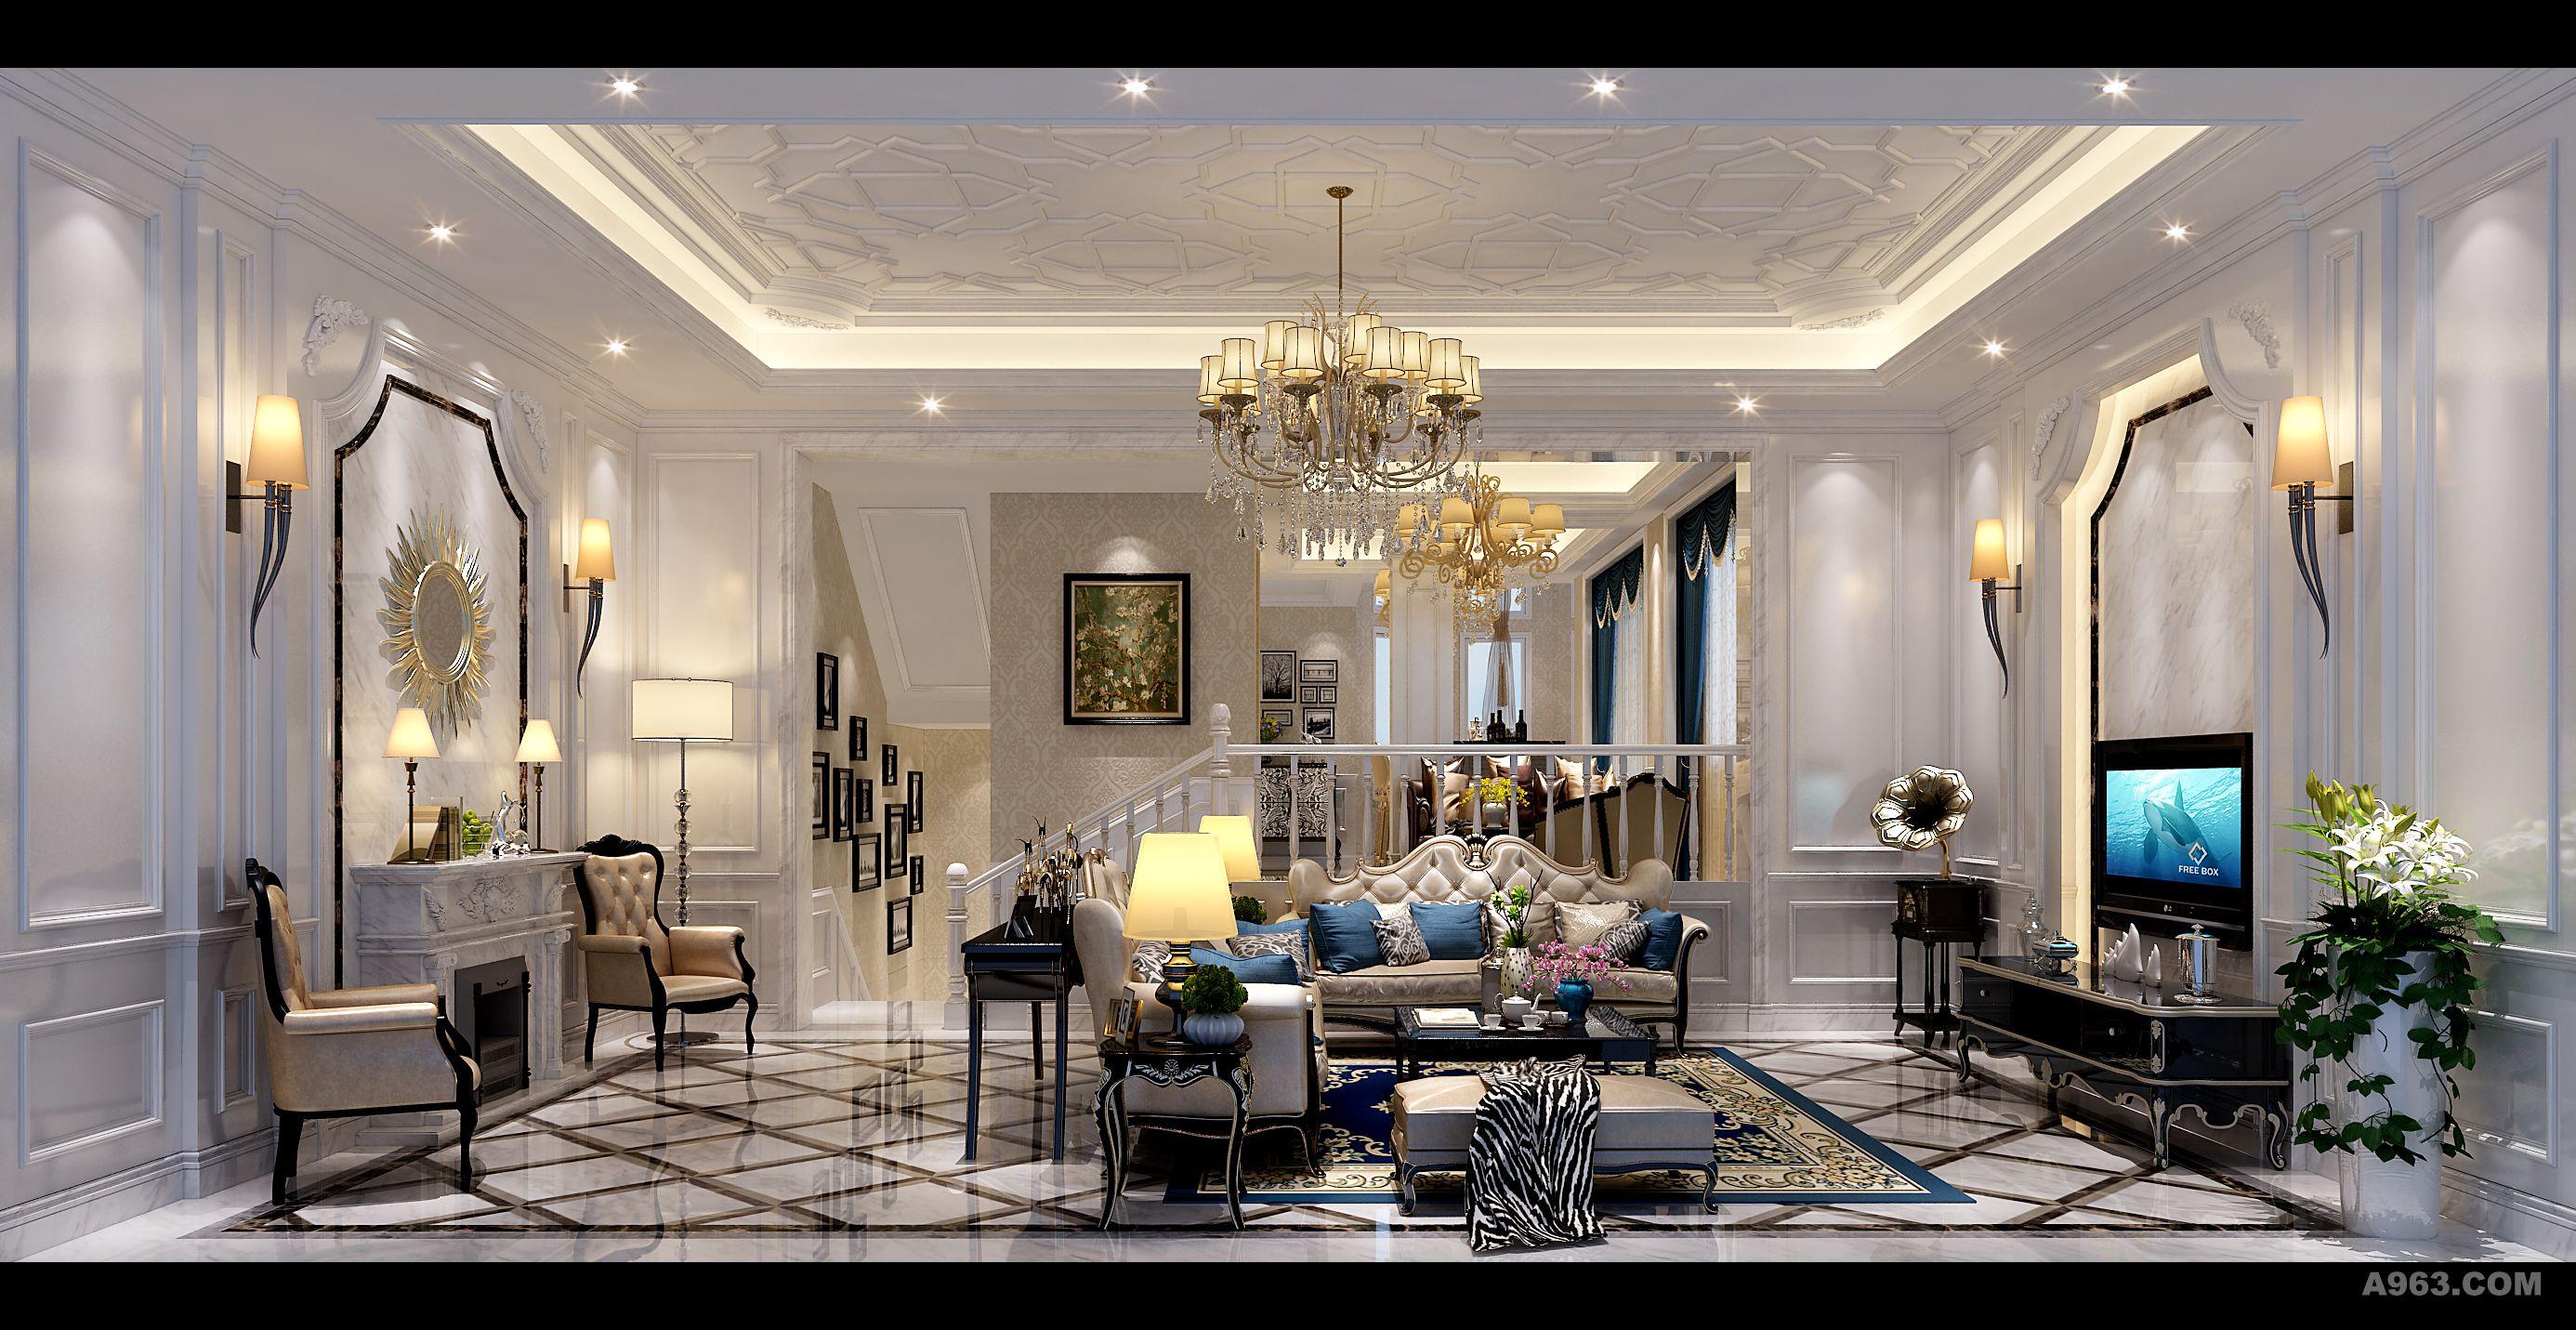 仁和春天缪总 中海国际别墅设计效果图【最新出炉】说明